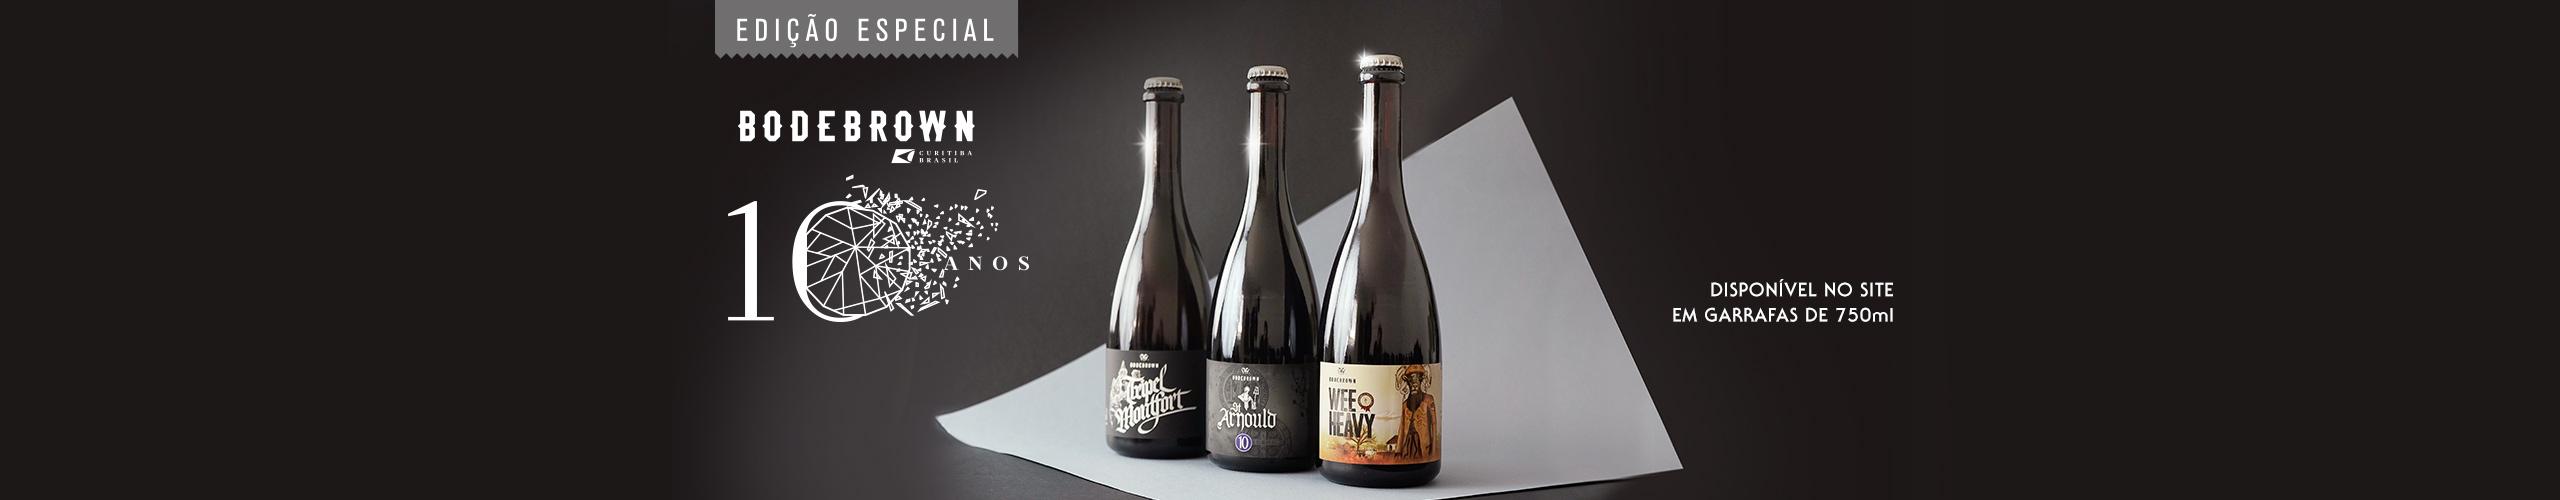 Edição 10 anos - Cervejaria Bodebrown